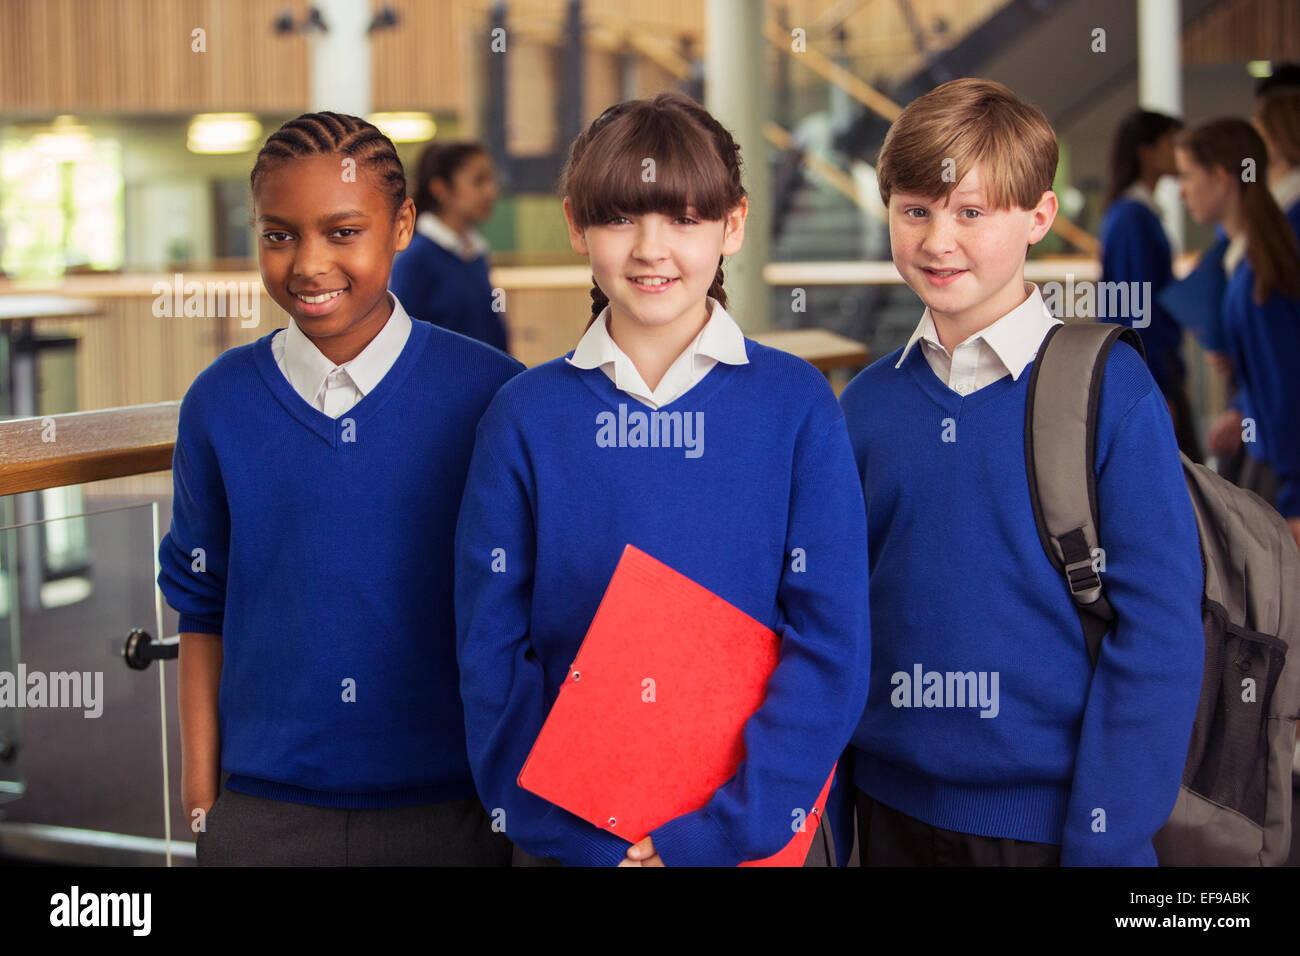 Portrait de trois enfants de l'école primaire portant des uniformes de l'école bleue dans le corridor Photo Stock